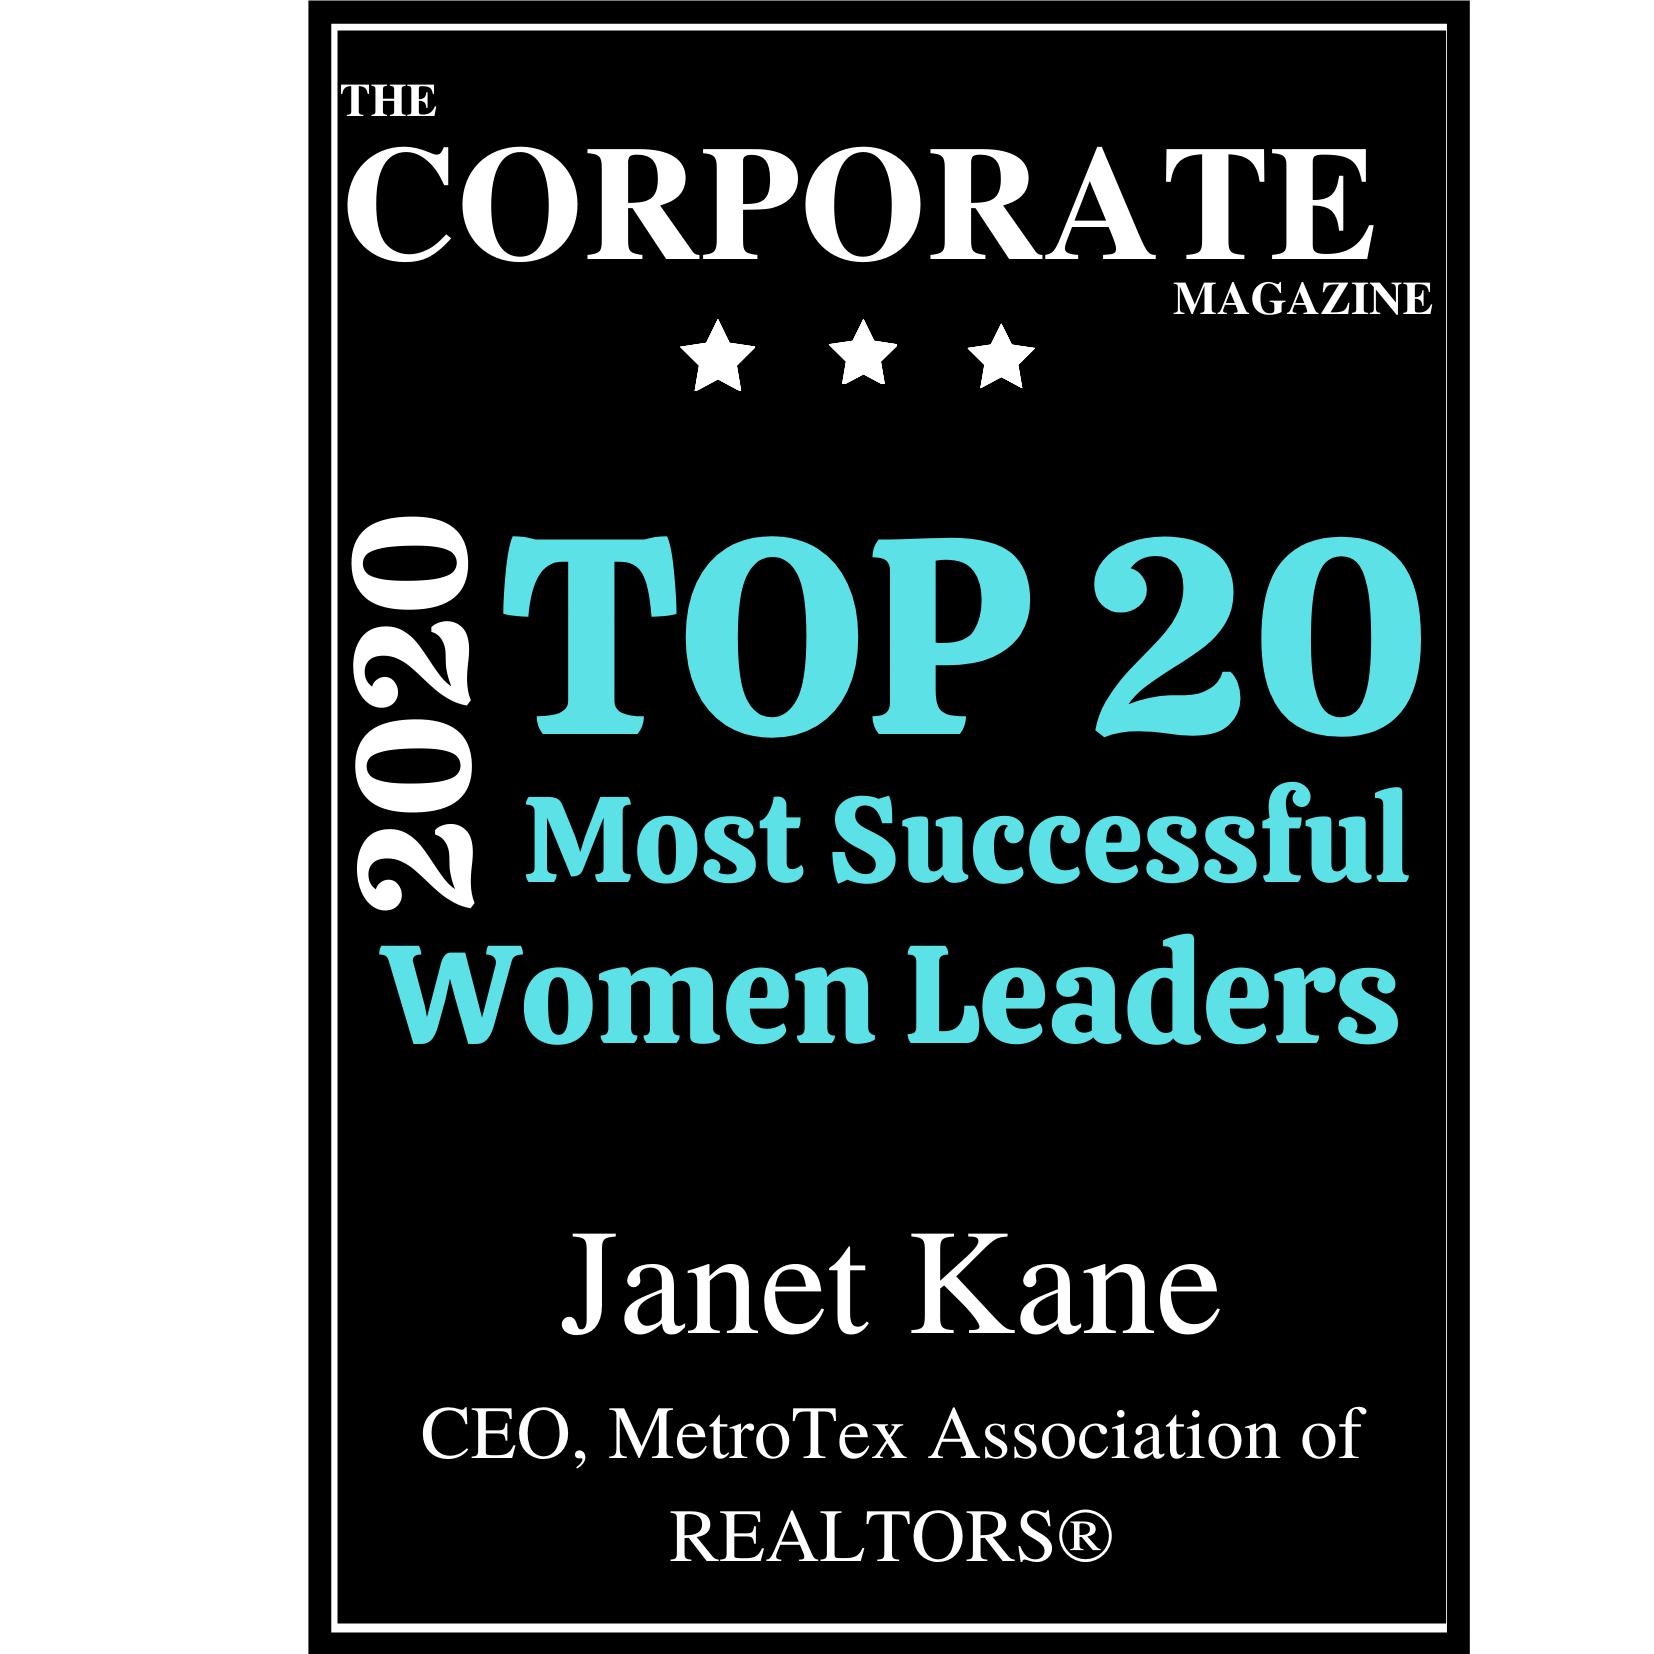 janet-kane Women Leader